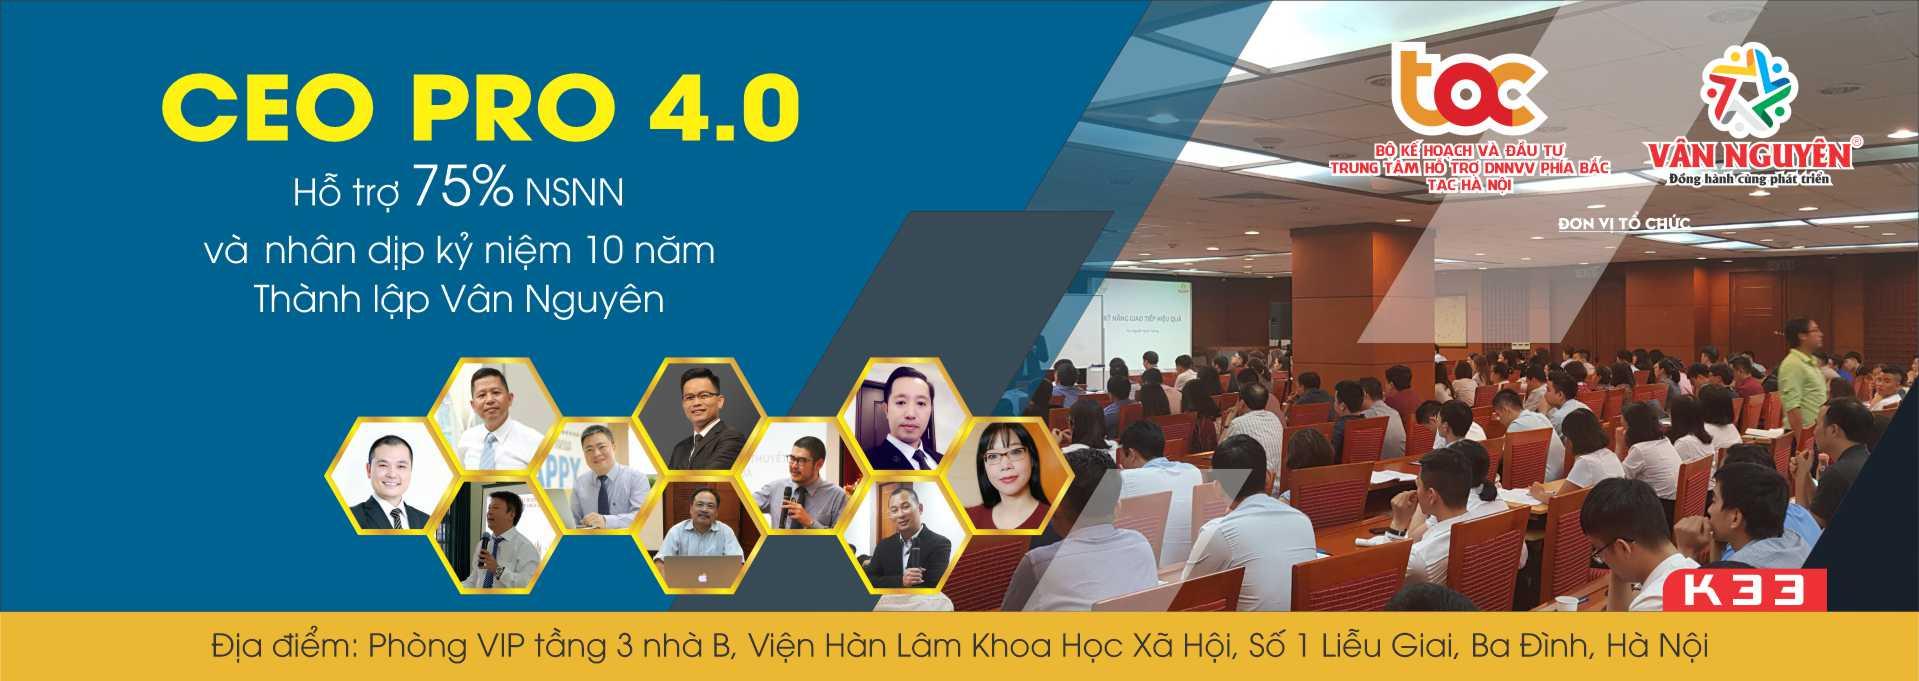 CEO PRO 4.0 – K33